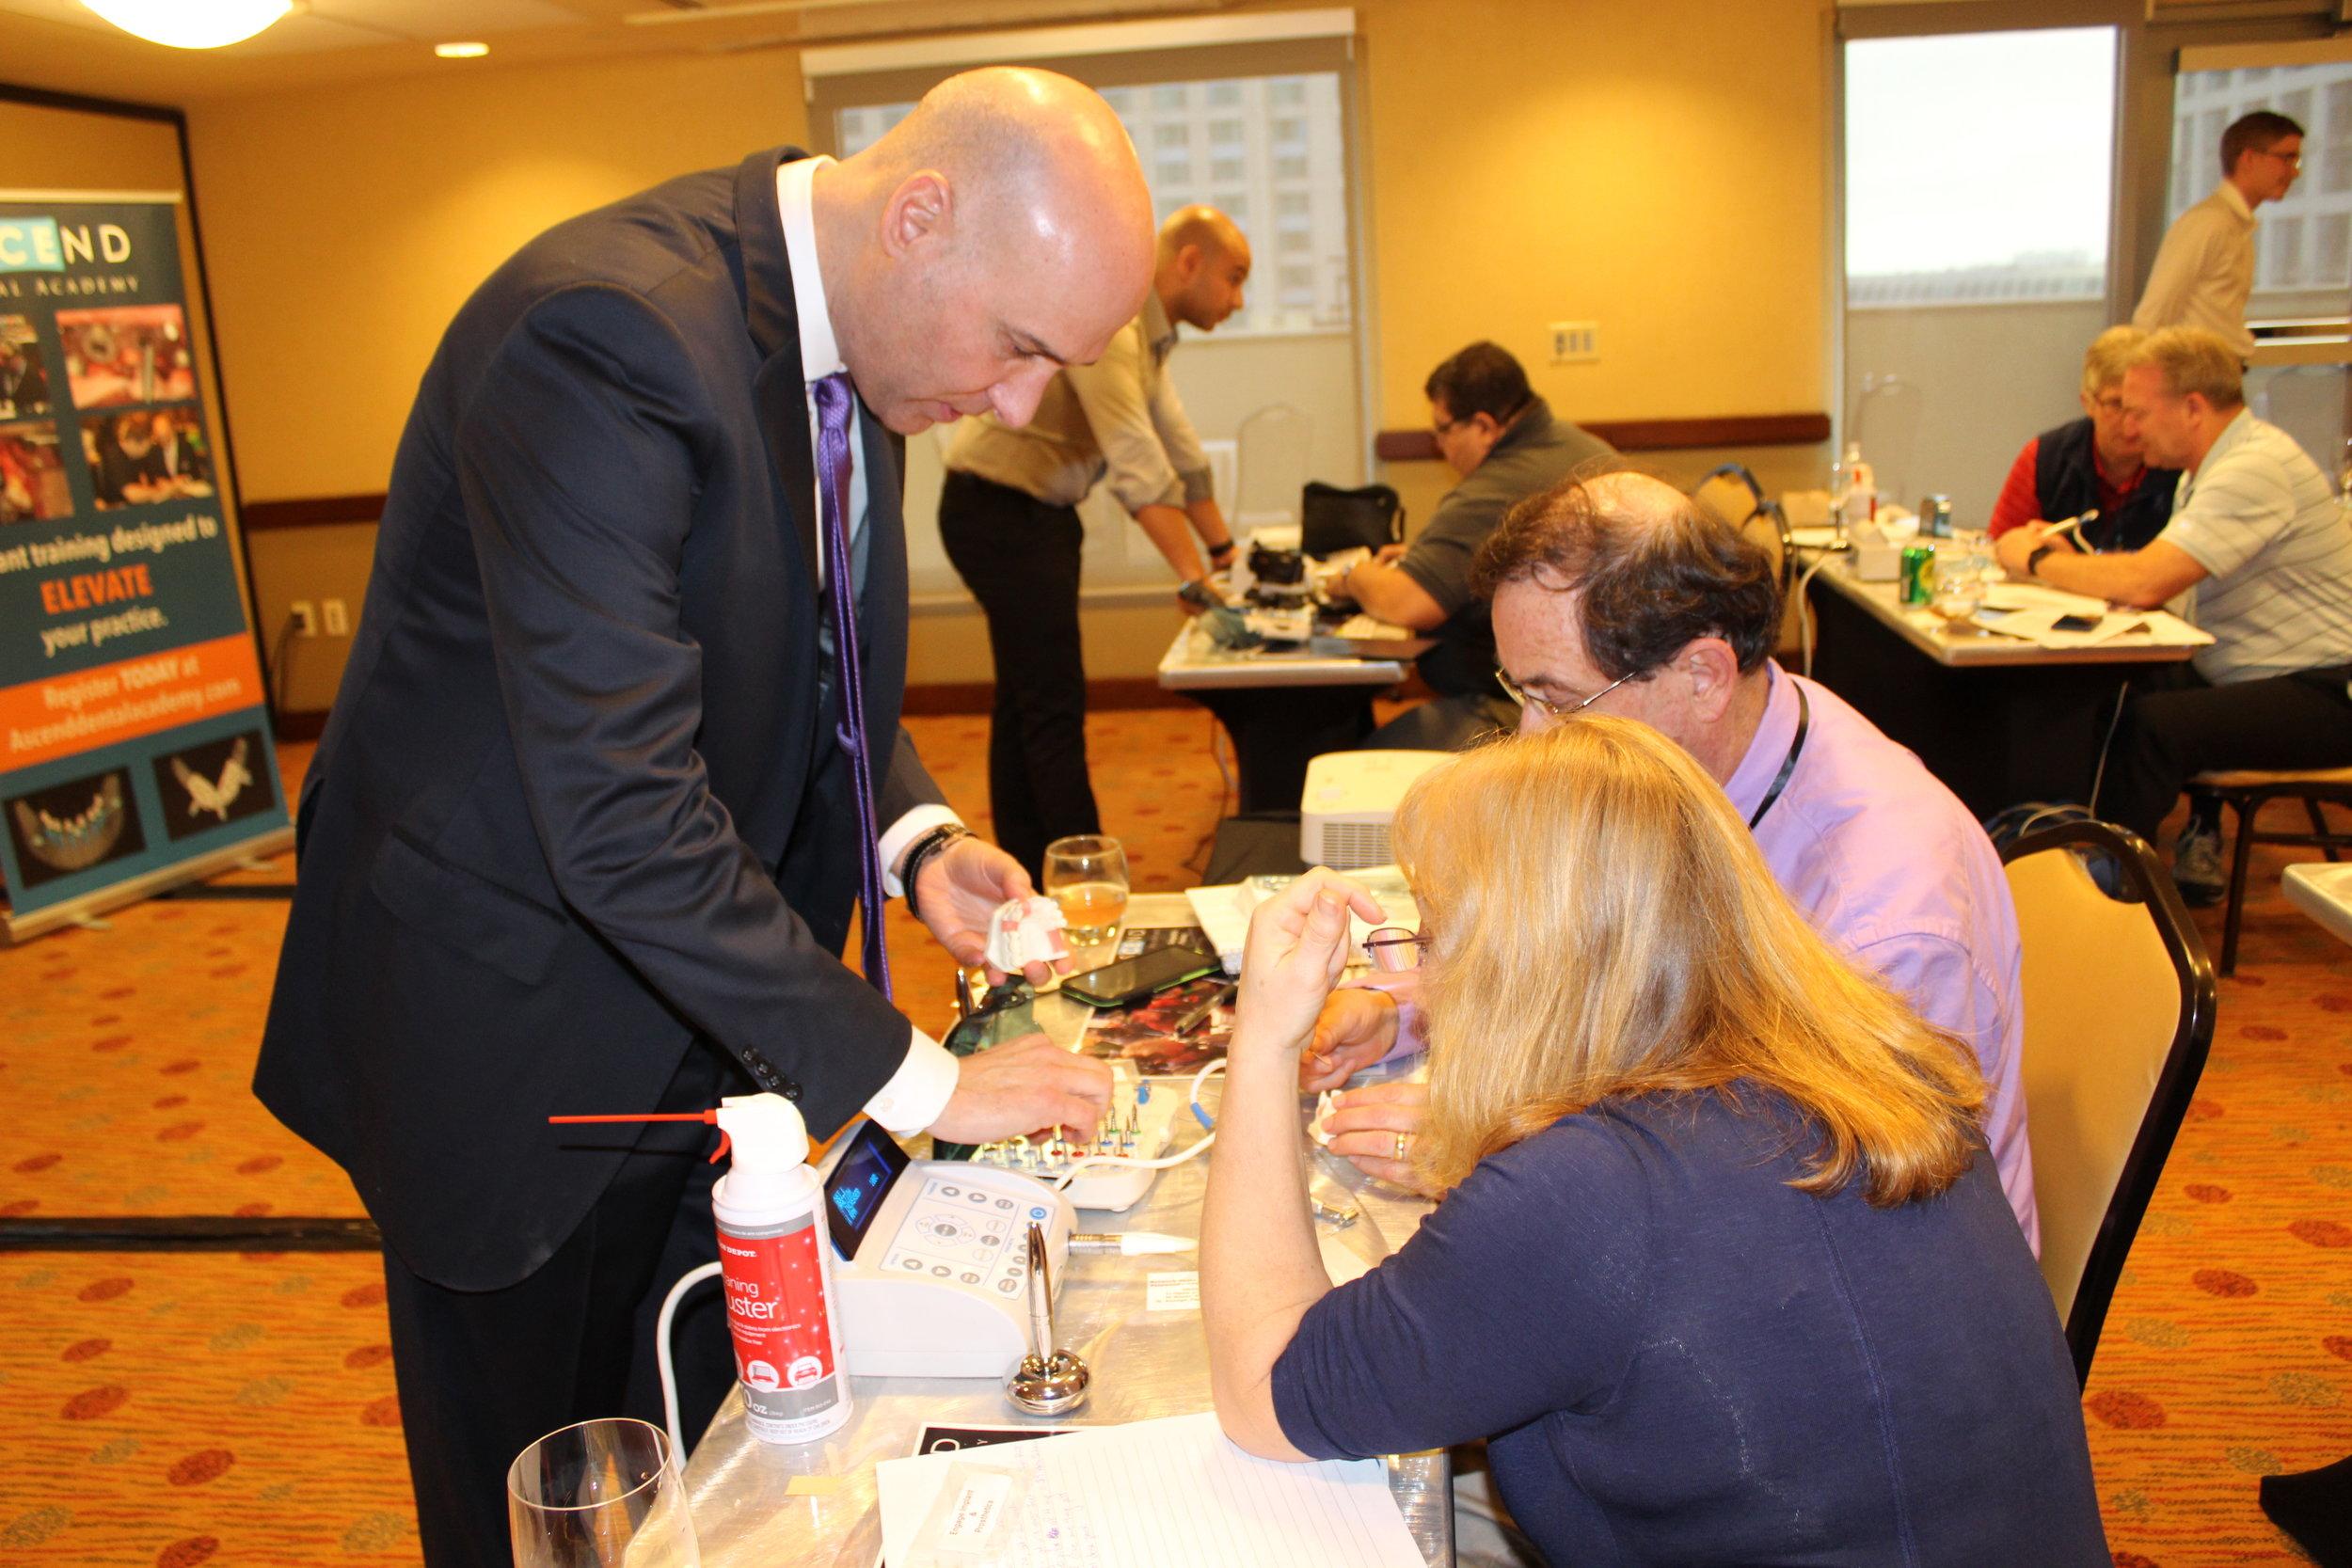 Dr. Nazarian mentoring doctors during hands-on workshop